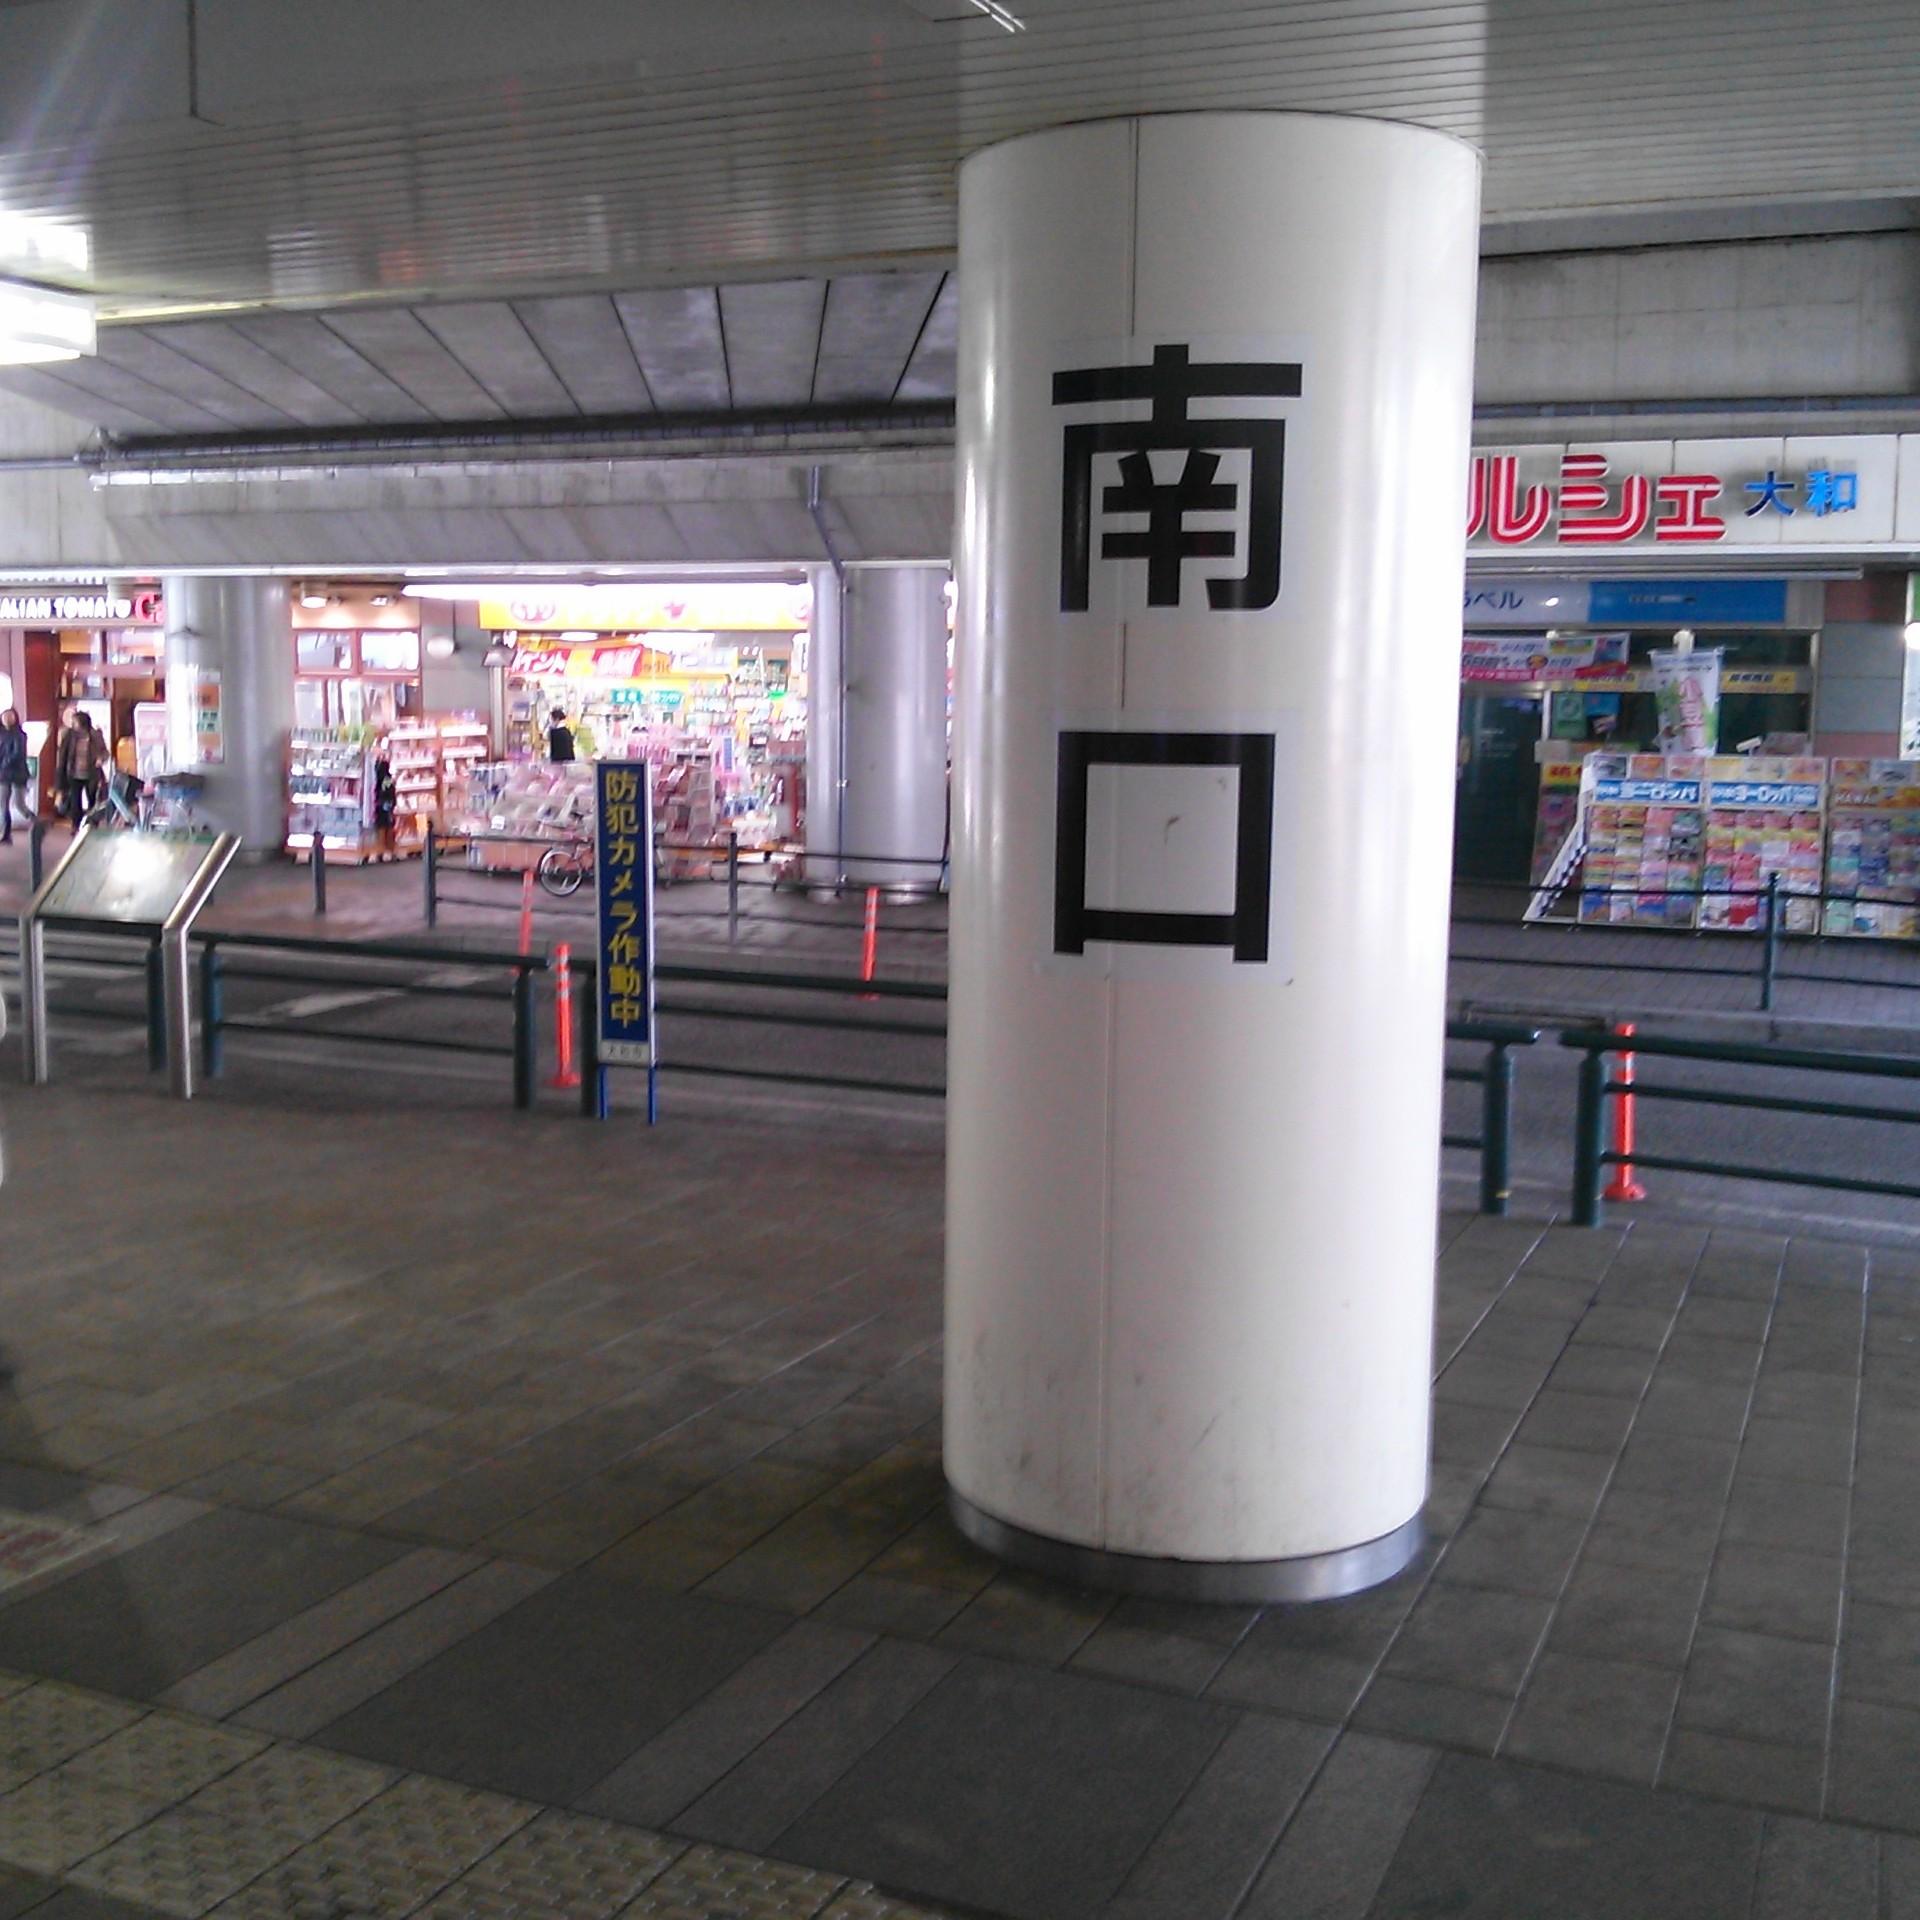 ケータイショップNo1大和店の写真2